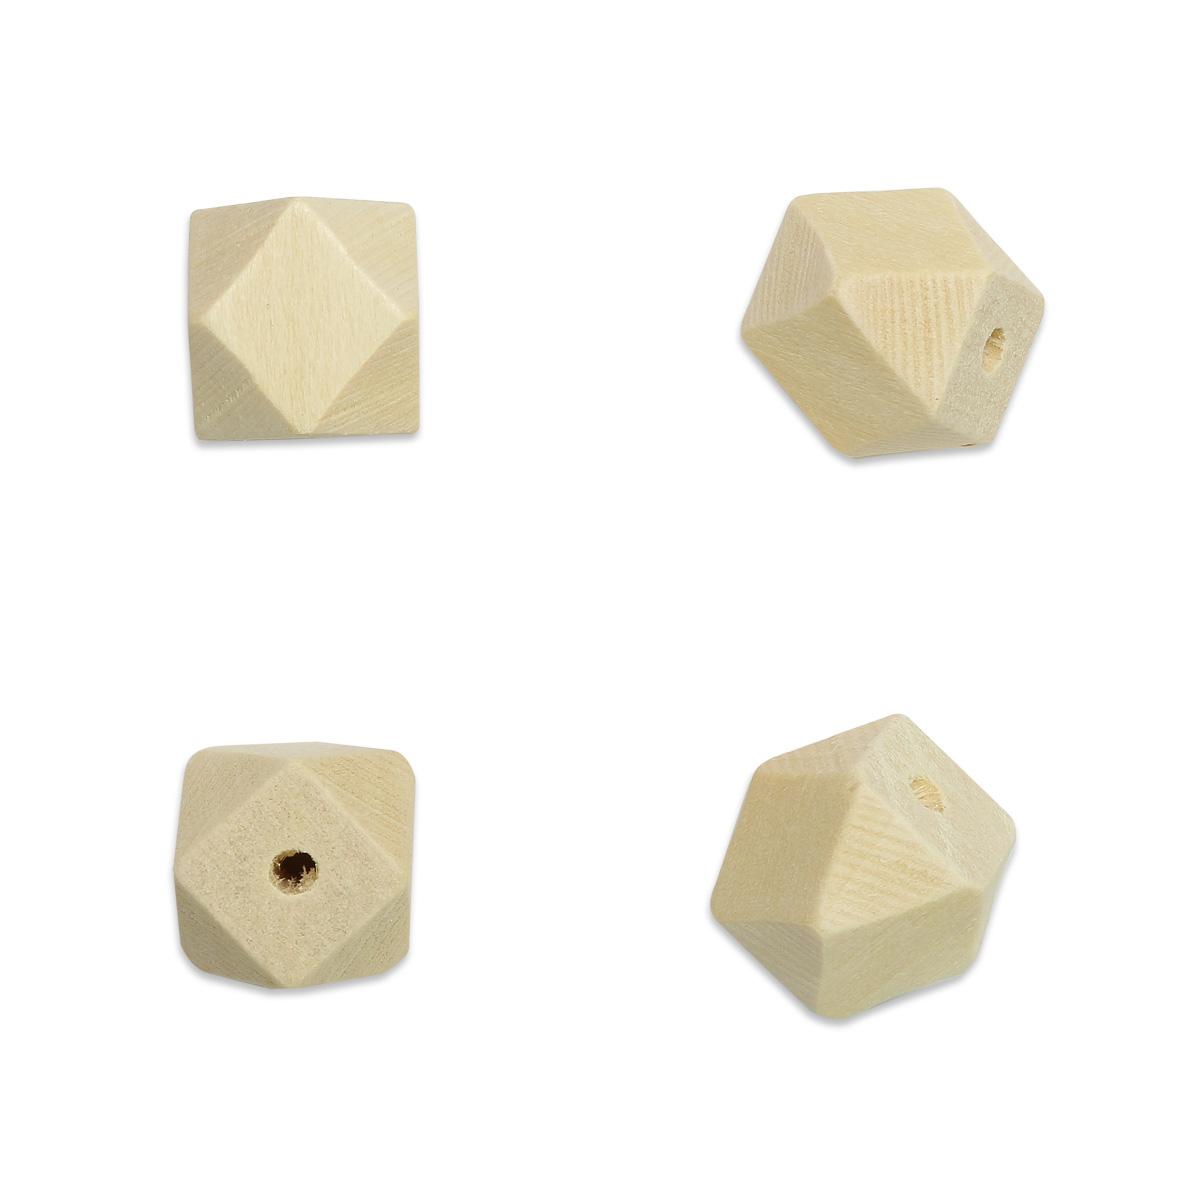 Бусины деревянные неокрашенные многогранник 16*16 мм, 5шт